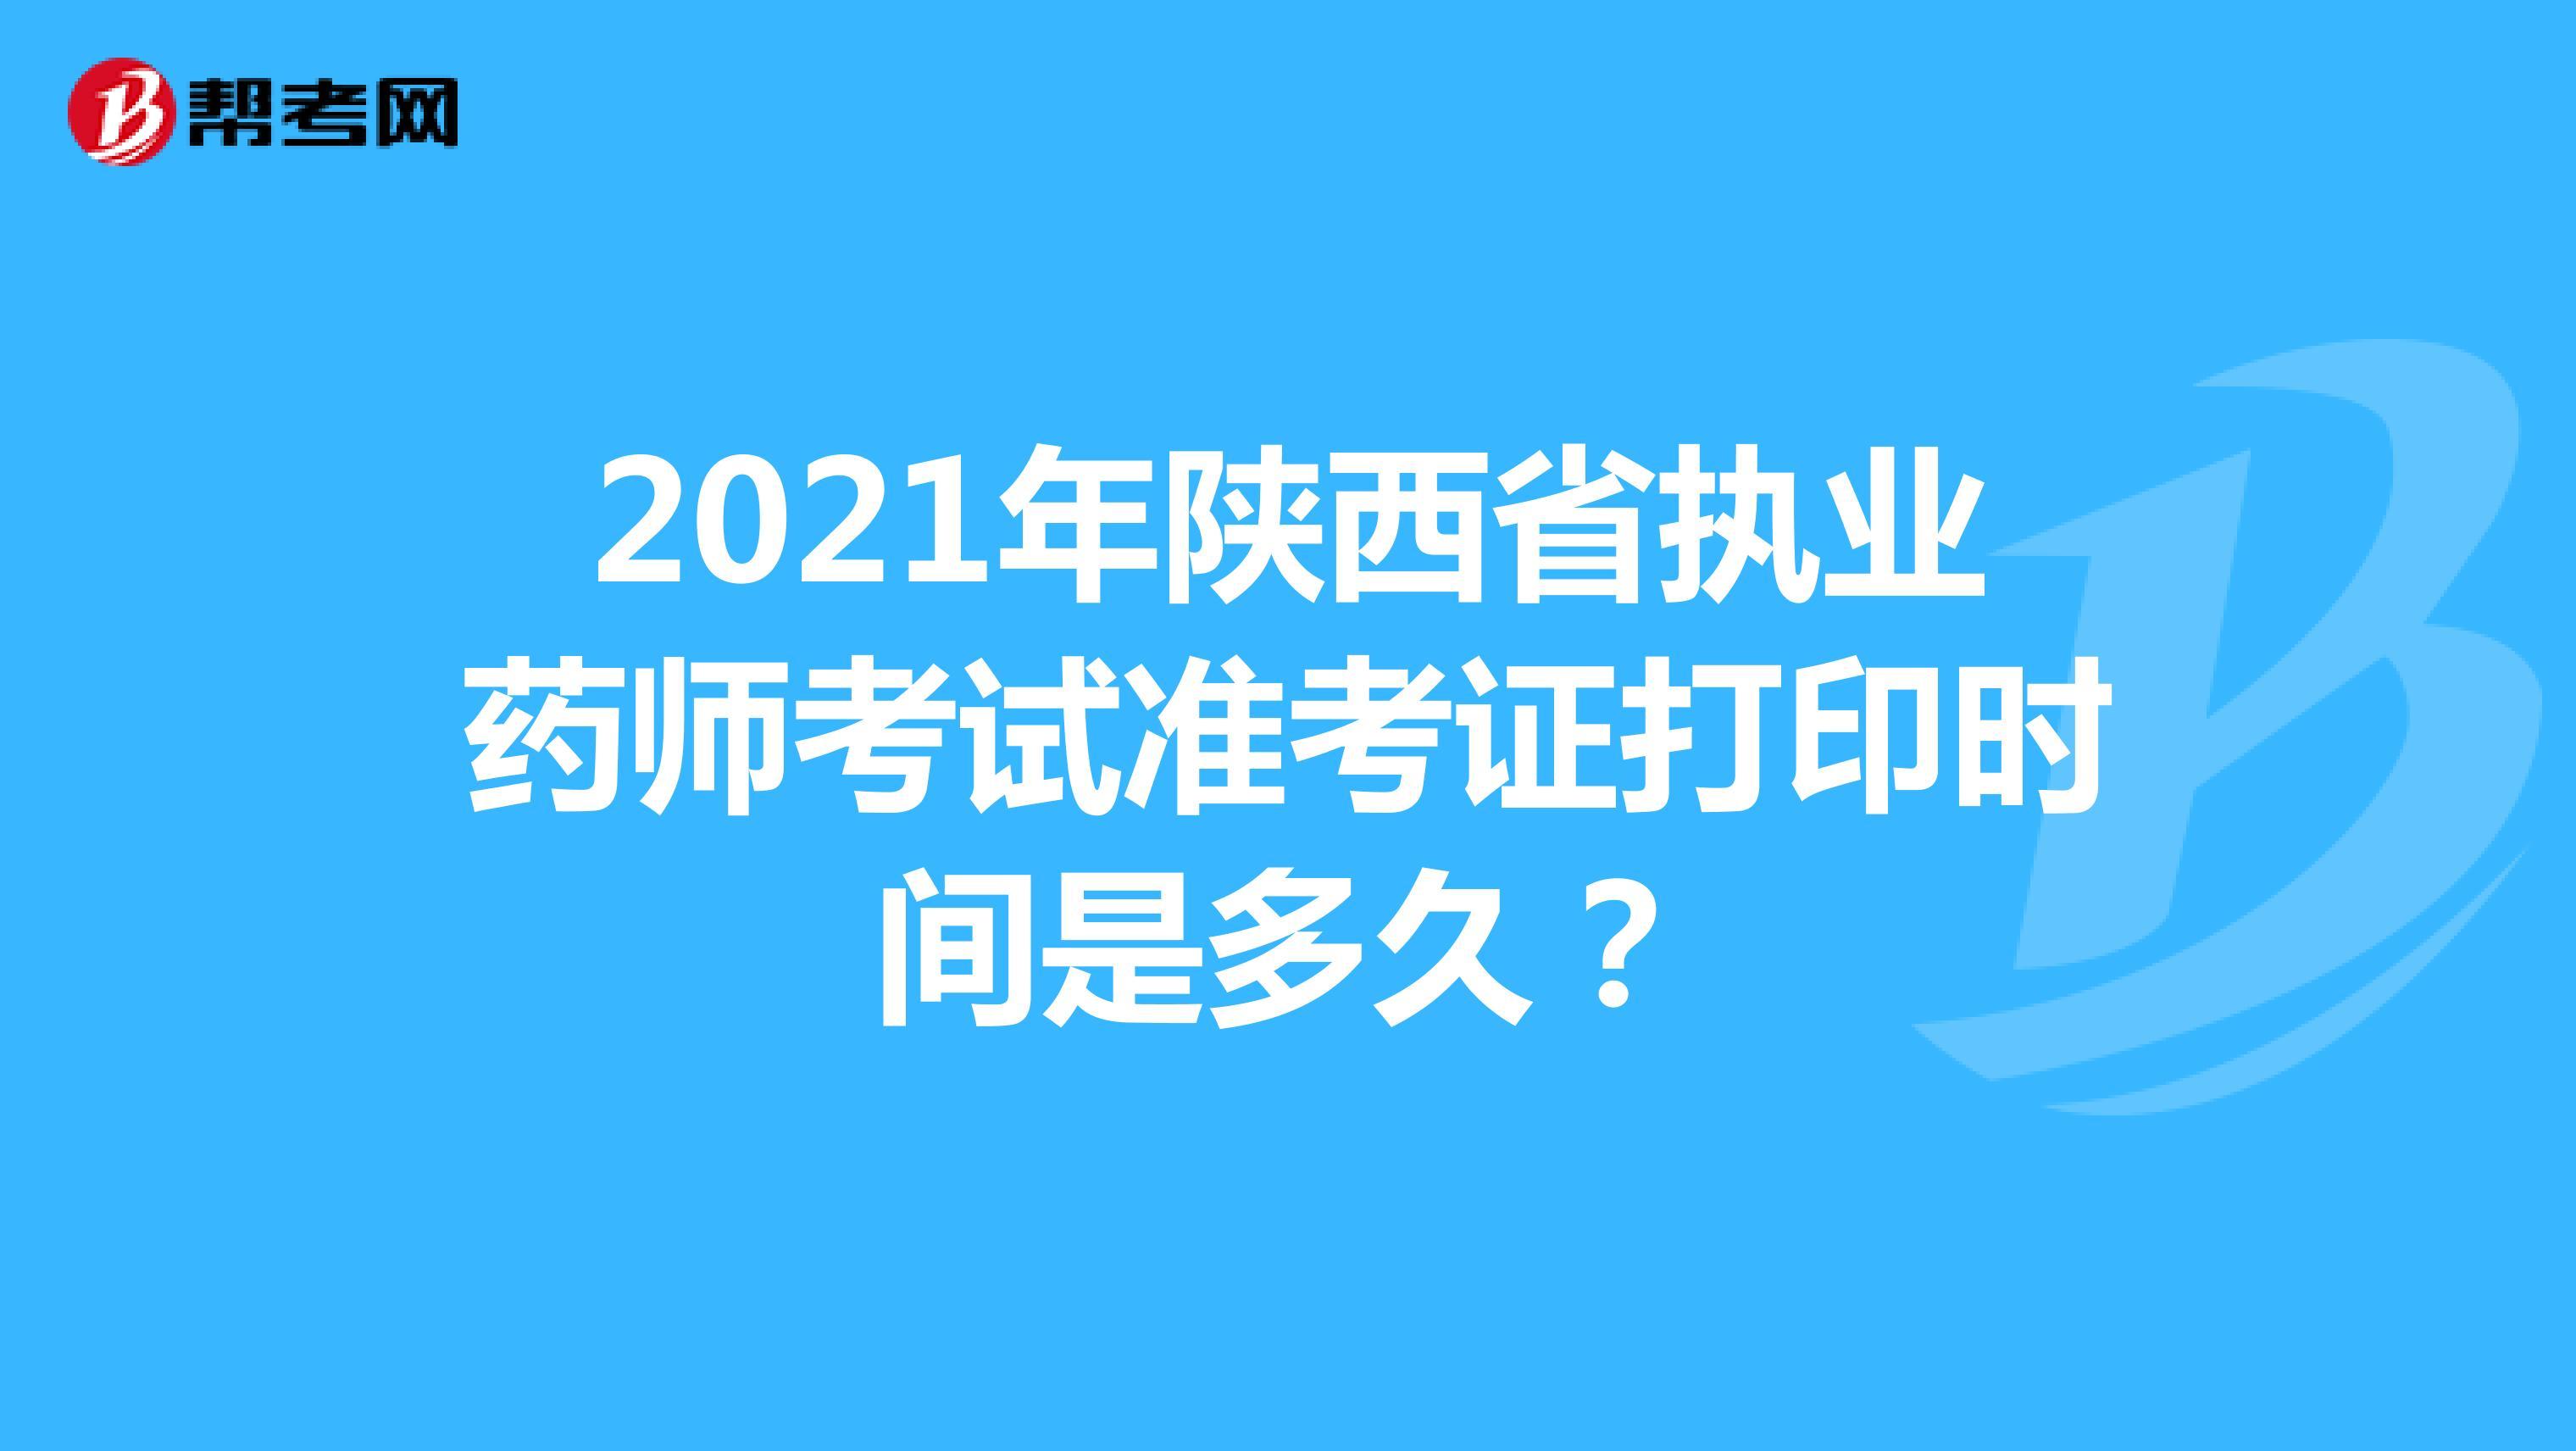 2021年陕西省执业药师考试准考证打印时间是多久?